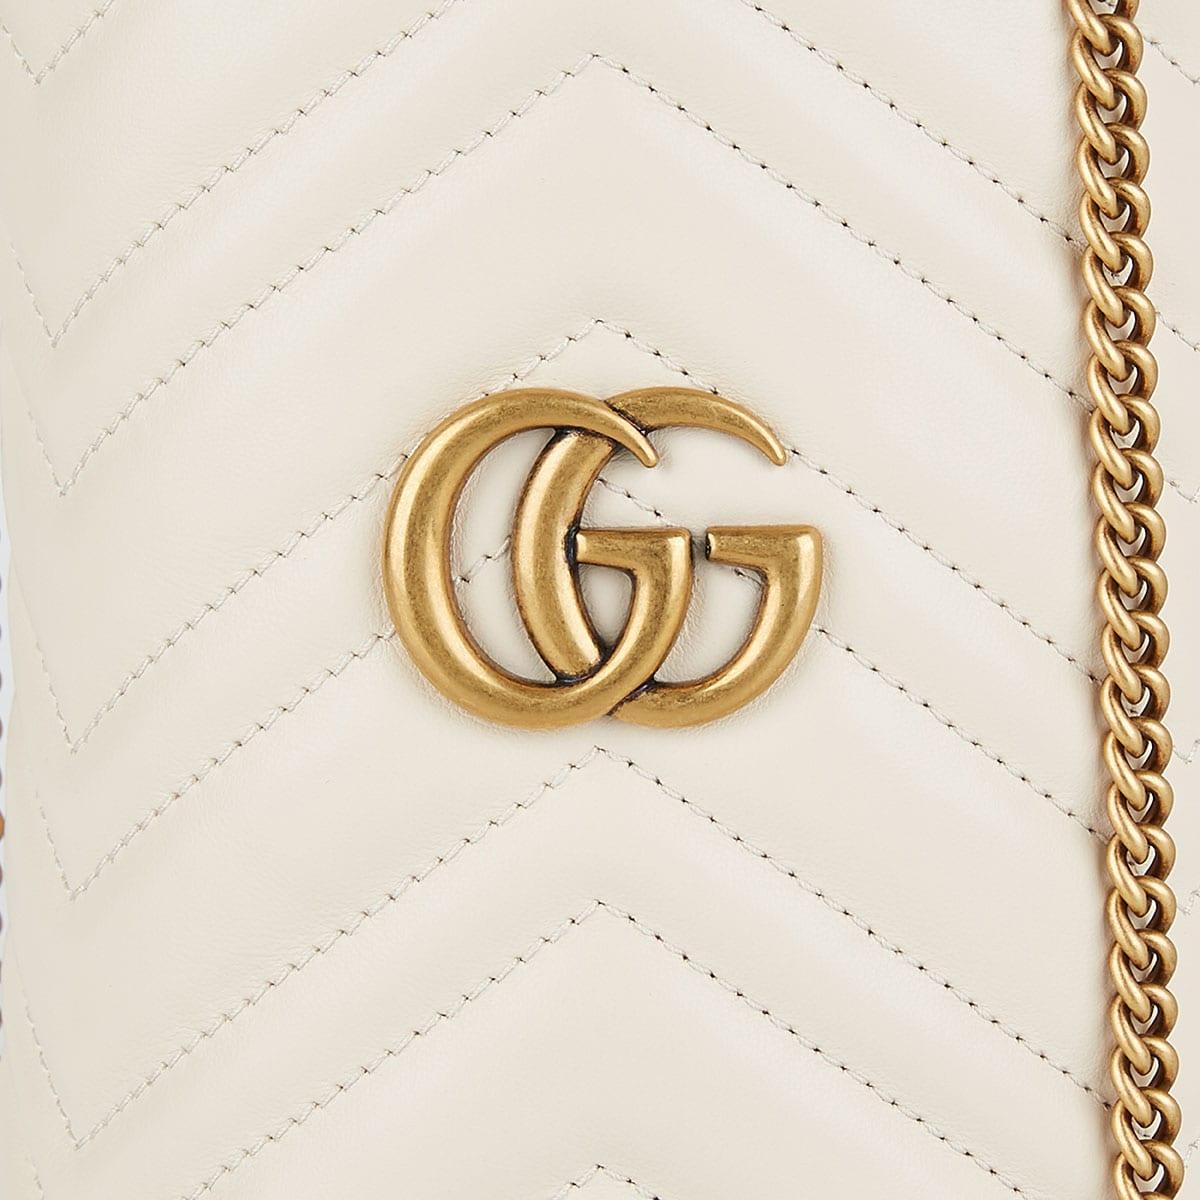 GG Marmont mini bucket bag